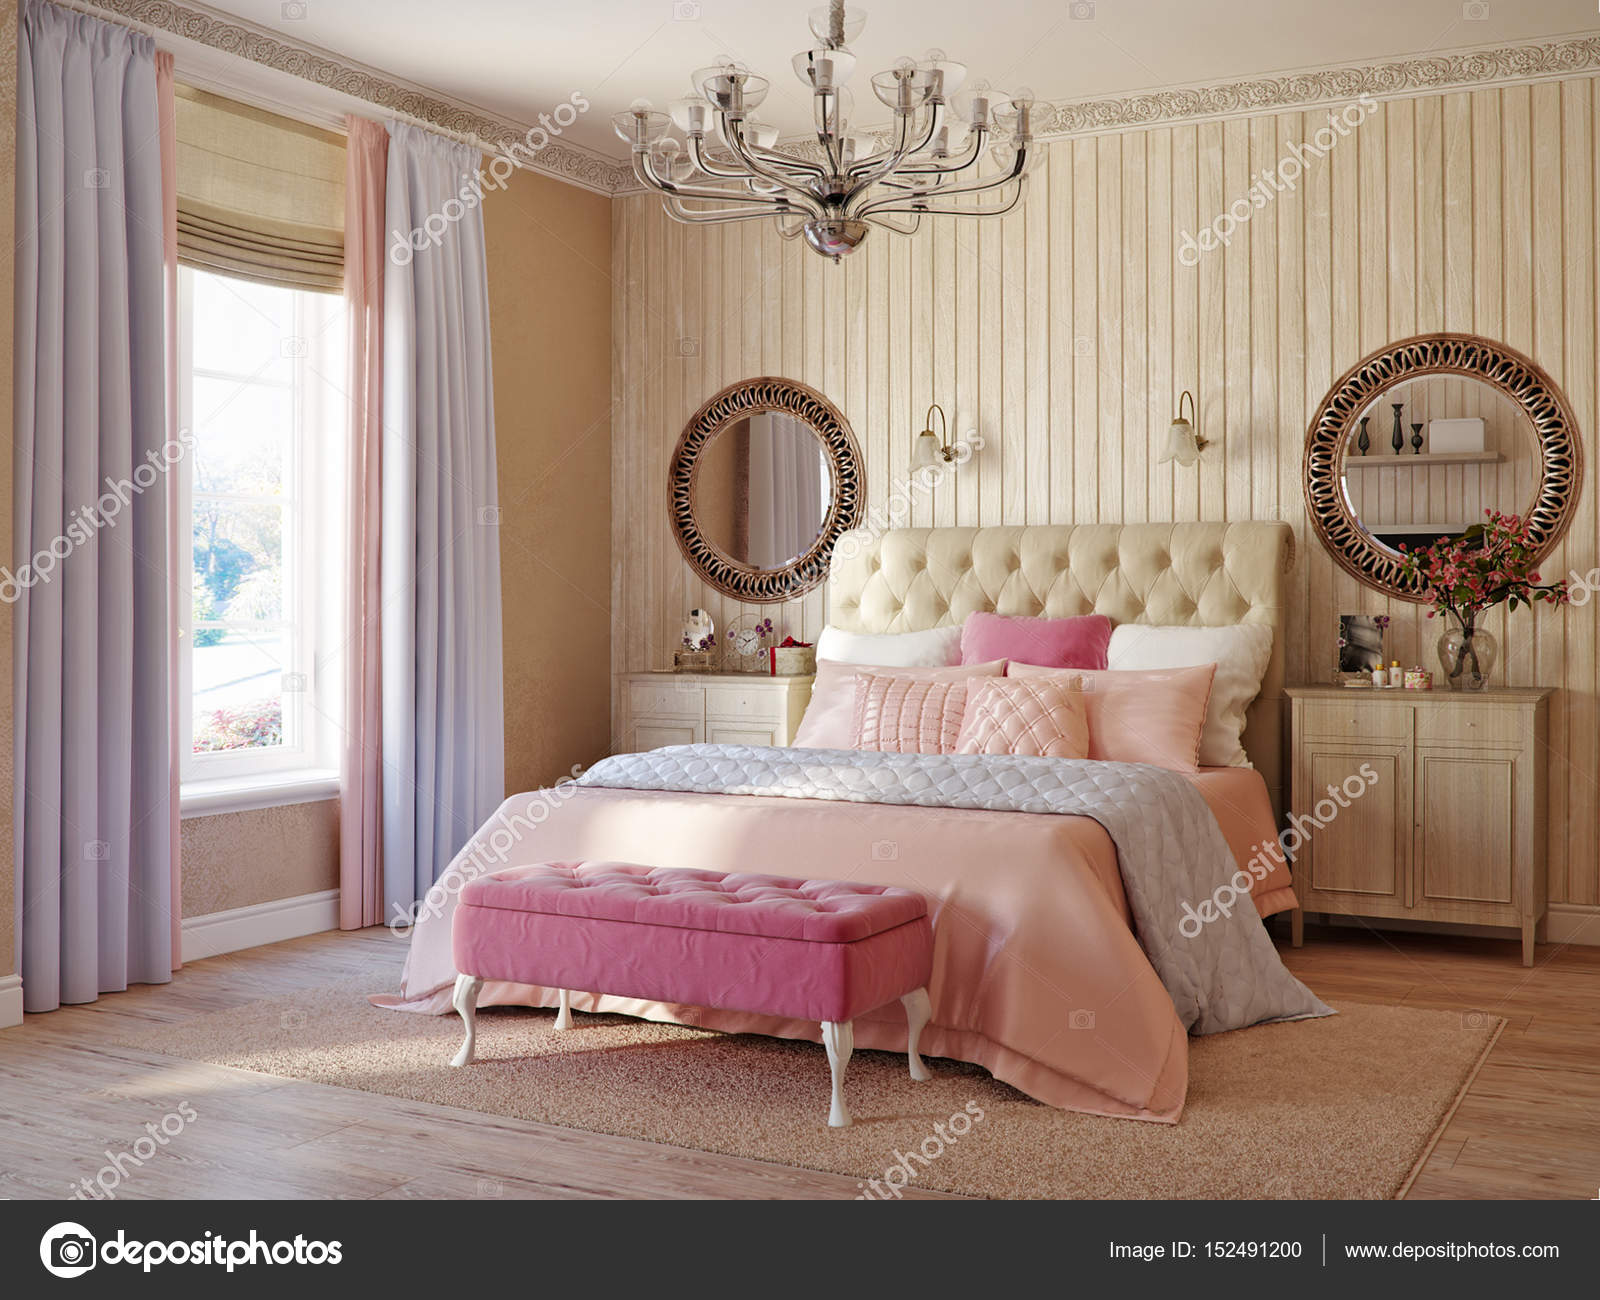 Dormitorio rstico moderno clsico tradicional de la Provenza